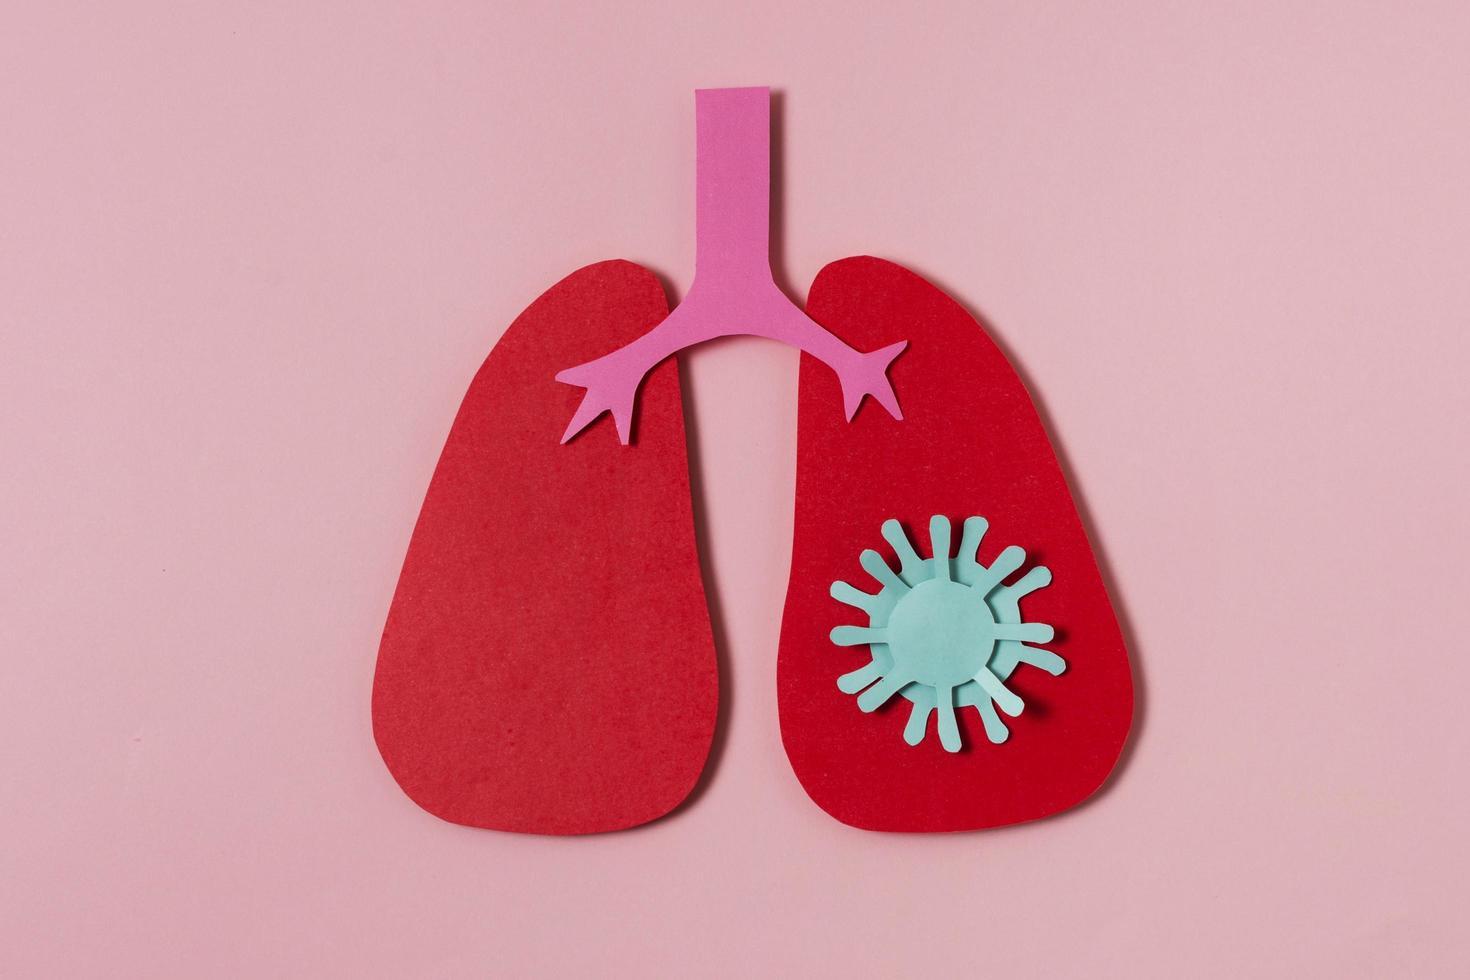 covid koncept med röda lungor platt låg foto